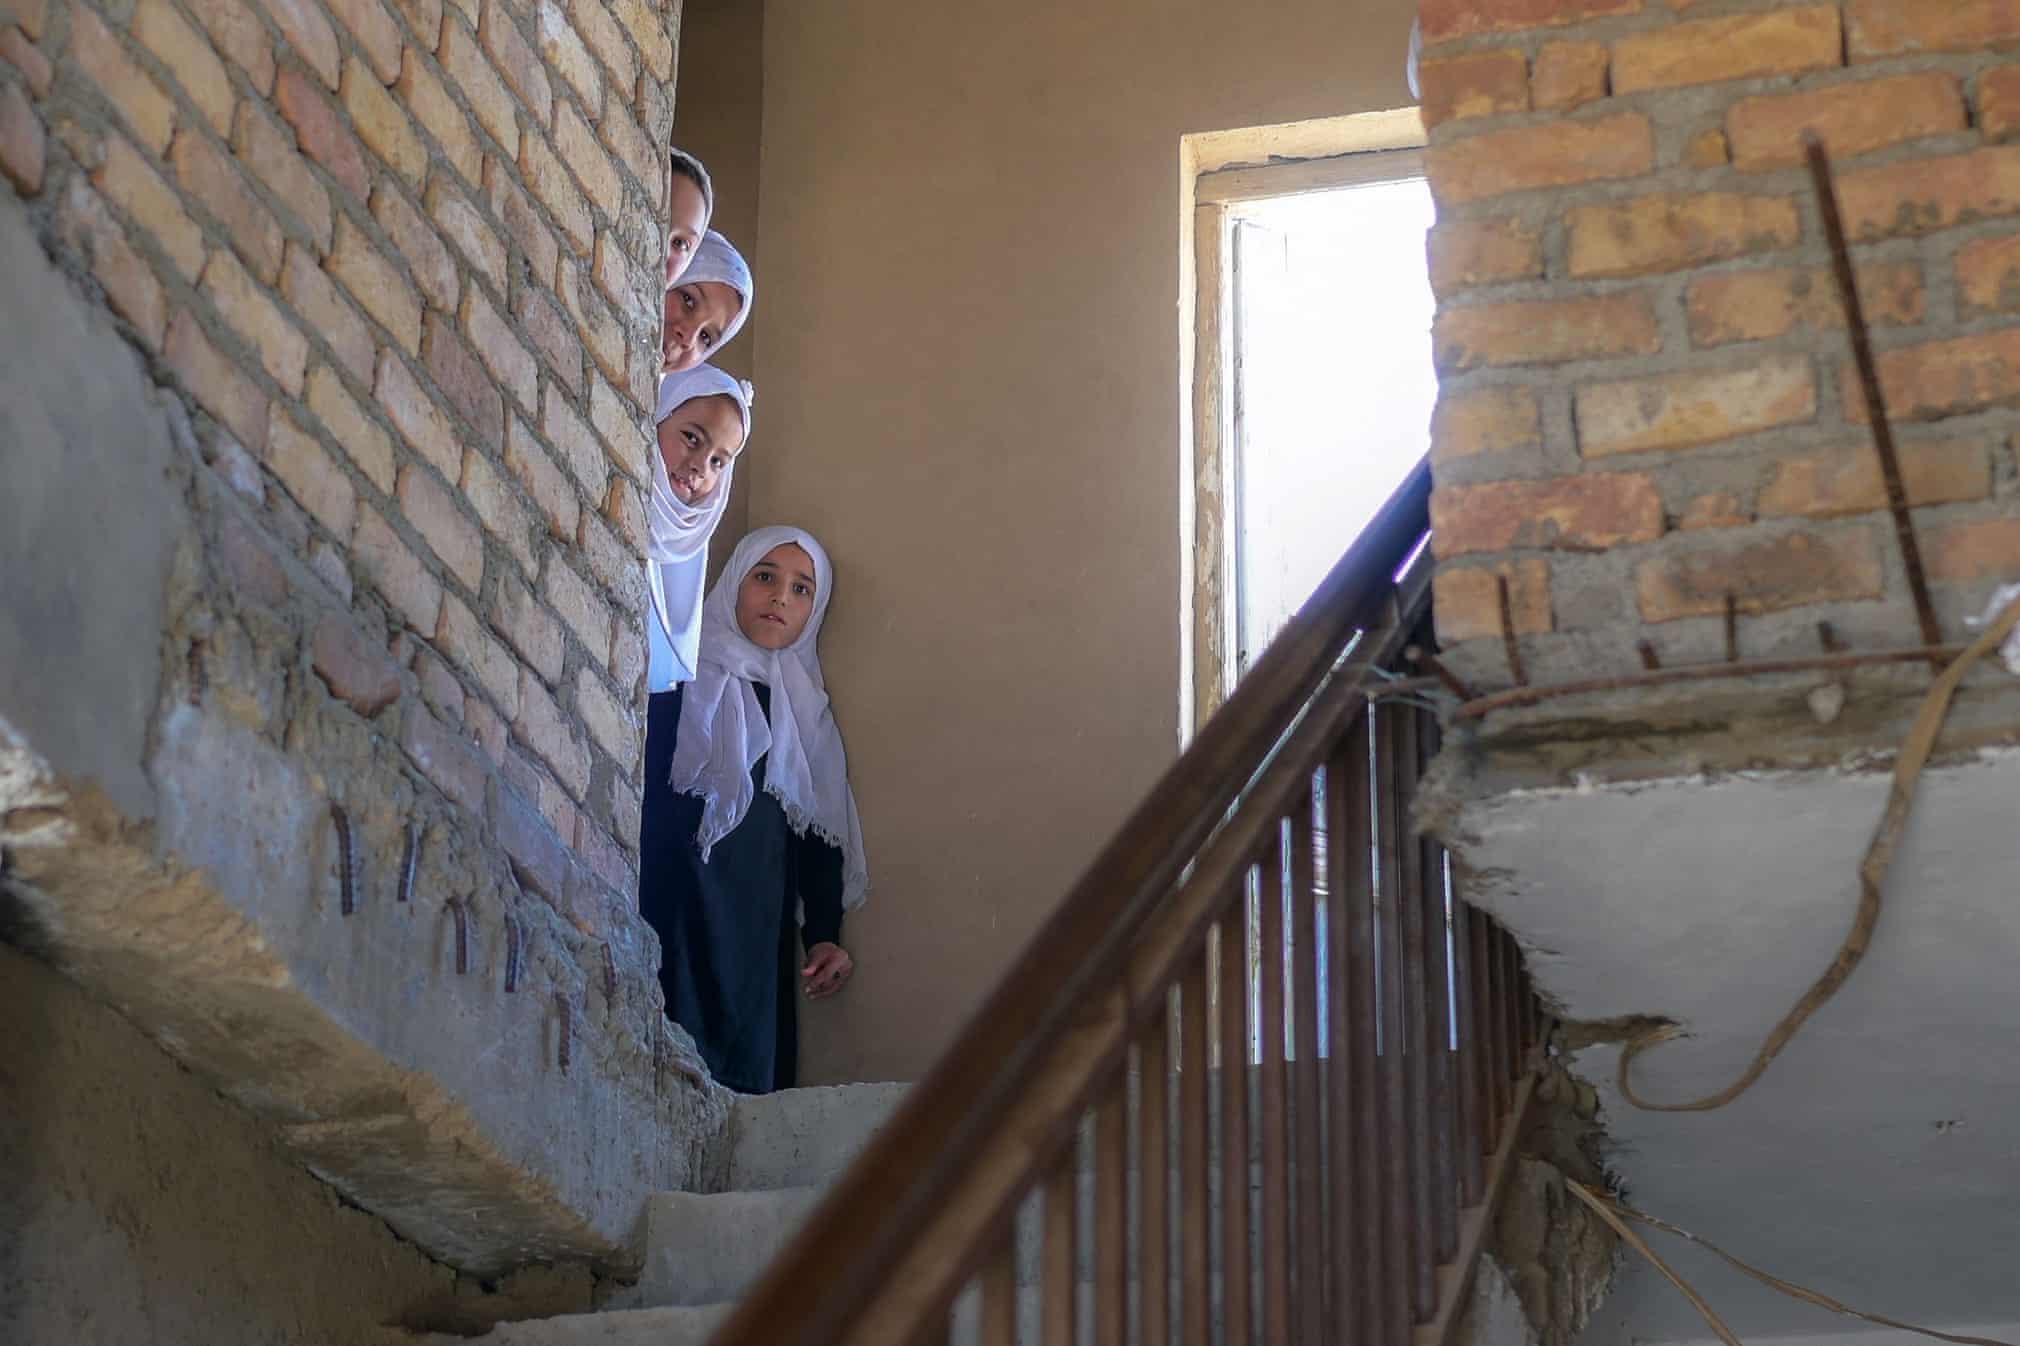 دختربچه های افغانستانی در یک مدرسه پس از تفکیک جنسیتی + عکس